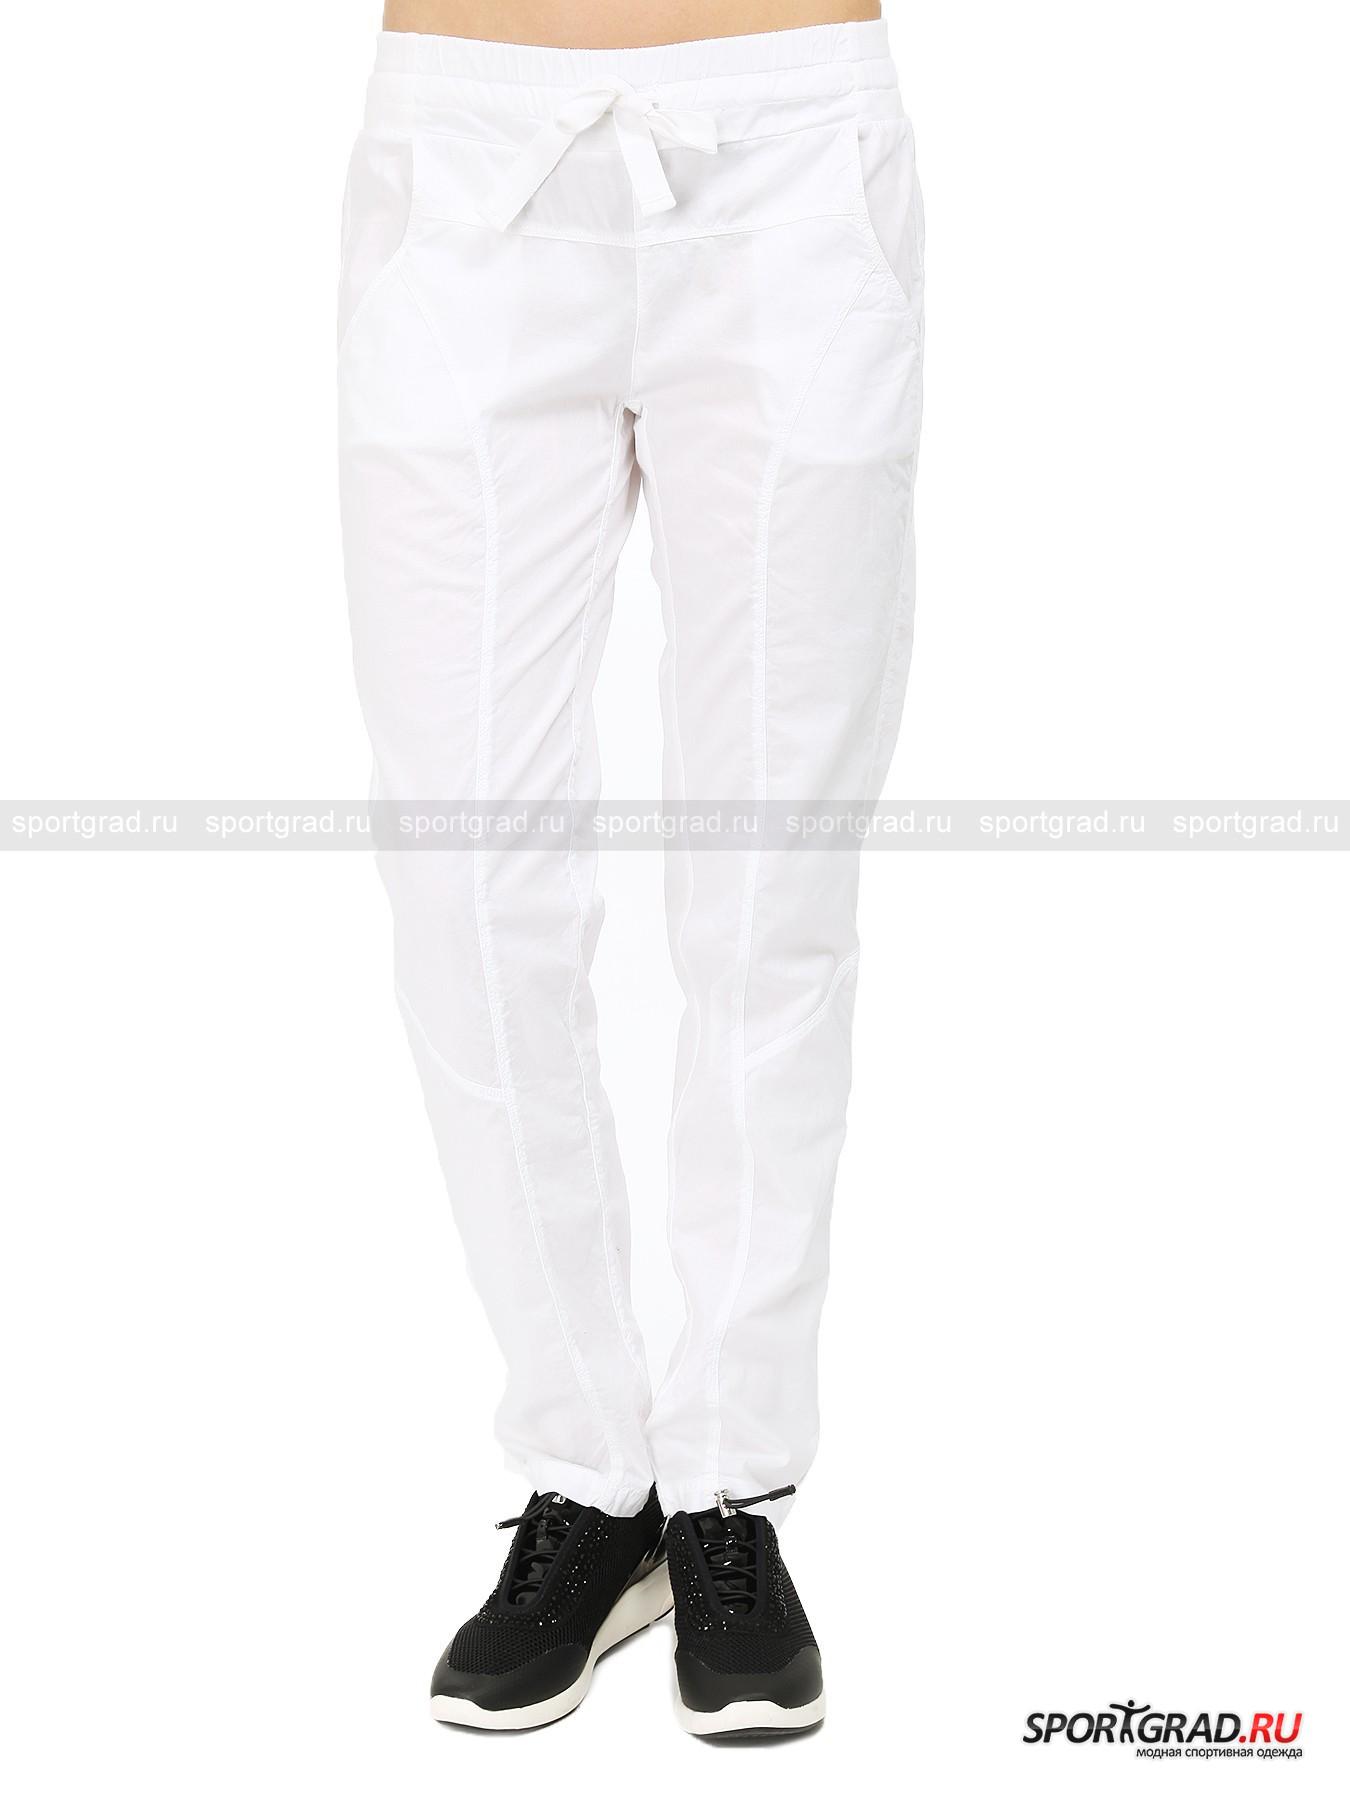 Брюки женские Pants DEHAБрюки<br>Симпатичные брюки Pants Deha – отличная замена привычным джинсам или «чиносам» на теплое время года. Штаны изготовлены из очень легкого и тонкого хлопкового полотна, приятного на ощупь. Модель не уступает по комфорту спортивным брюкам,н о при этом выглядит элегантно и может сочетаться не только с кедами или кроссовками, но и каблуками.<br><br>Особенности модели:<br>- пояс на резинке с кулиской и регулирующей ленной;<br>- два кармана по бокам и два сзади;<br>- прямой крой;<br>- вертикальные швы, зрительно удлиняющие ноги.<br><br>Пол: Женский<br>Возраст: Взрослый<br>Тип: Брюки<br>Рекомендации по уходу: стирка в теплой воде до 30 С; не отбеливать; гладить слегка нагретым утюгом (температура до 110 C); химическая чистка сухим способом; нельзя выжимать и сушить в стиральной машине<br>Состав: 97% хлопок, 3% эластан